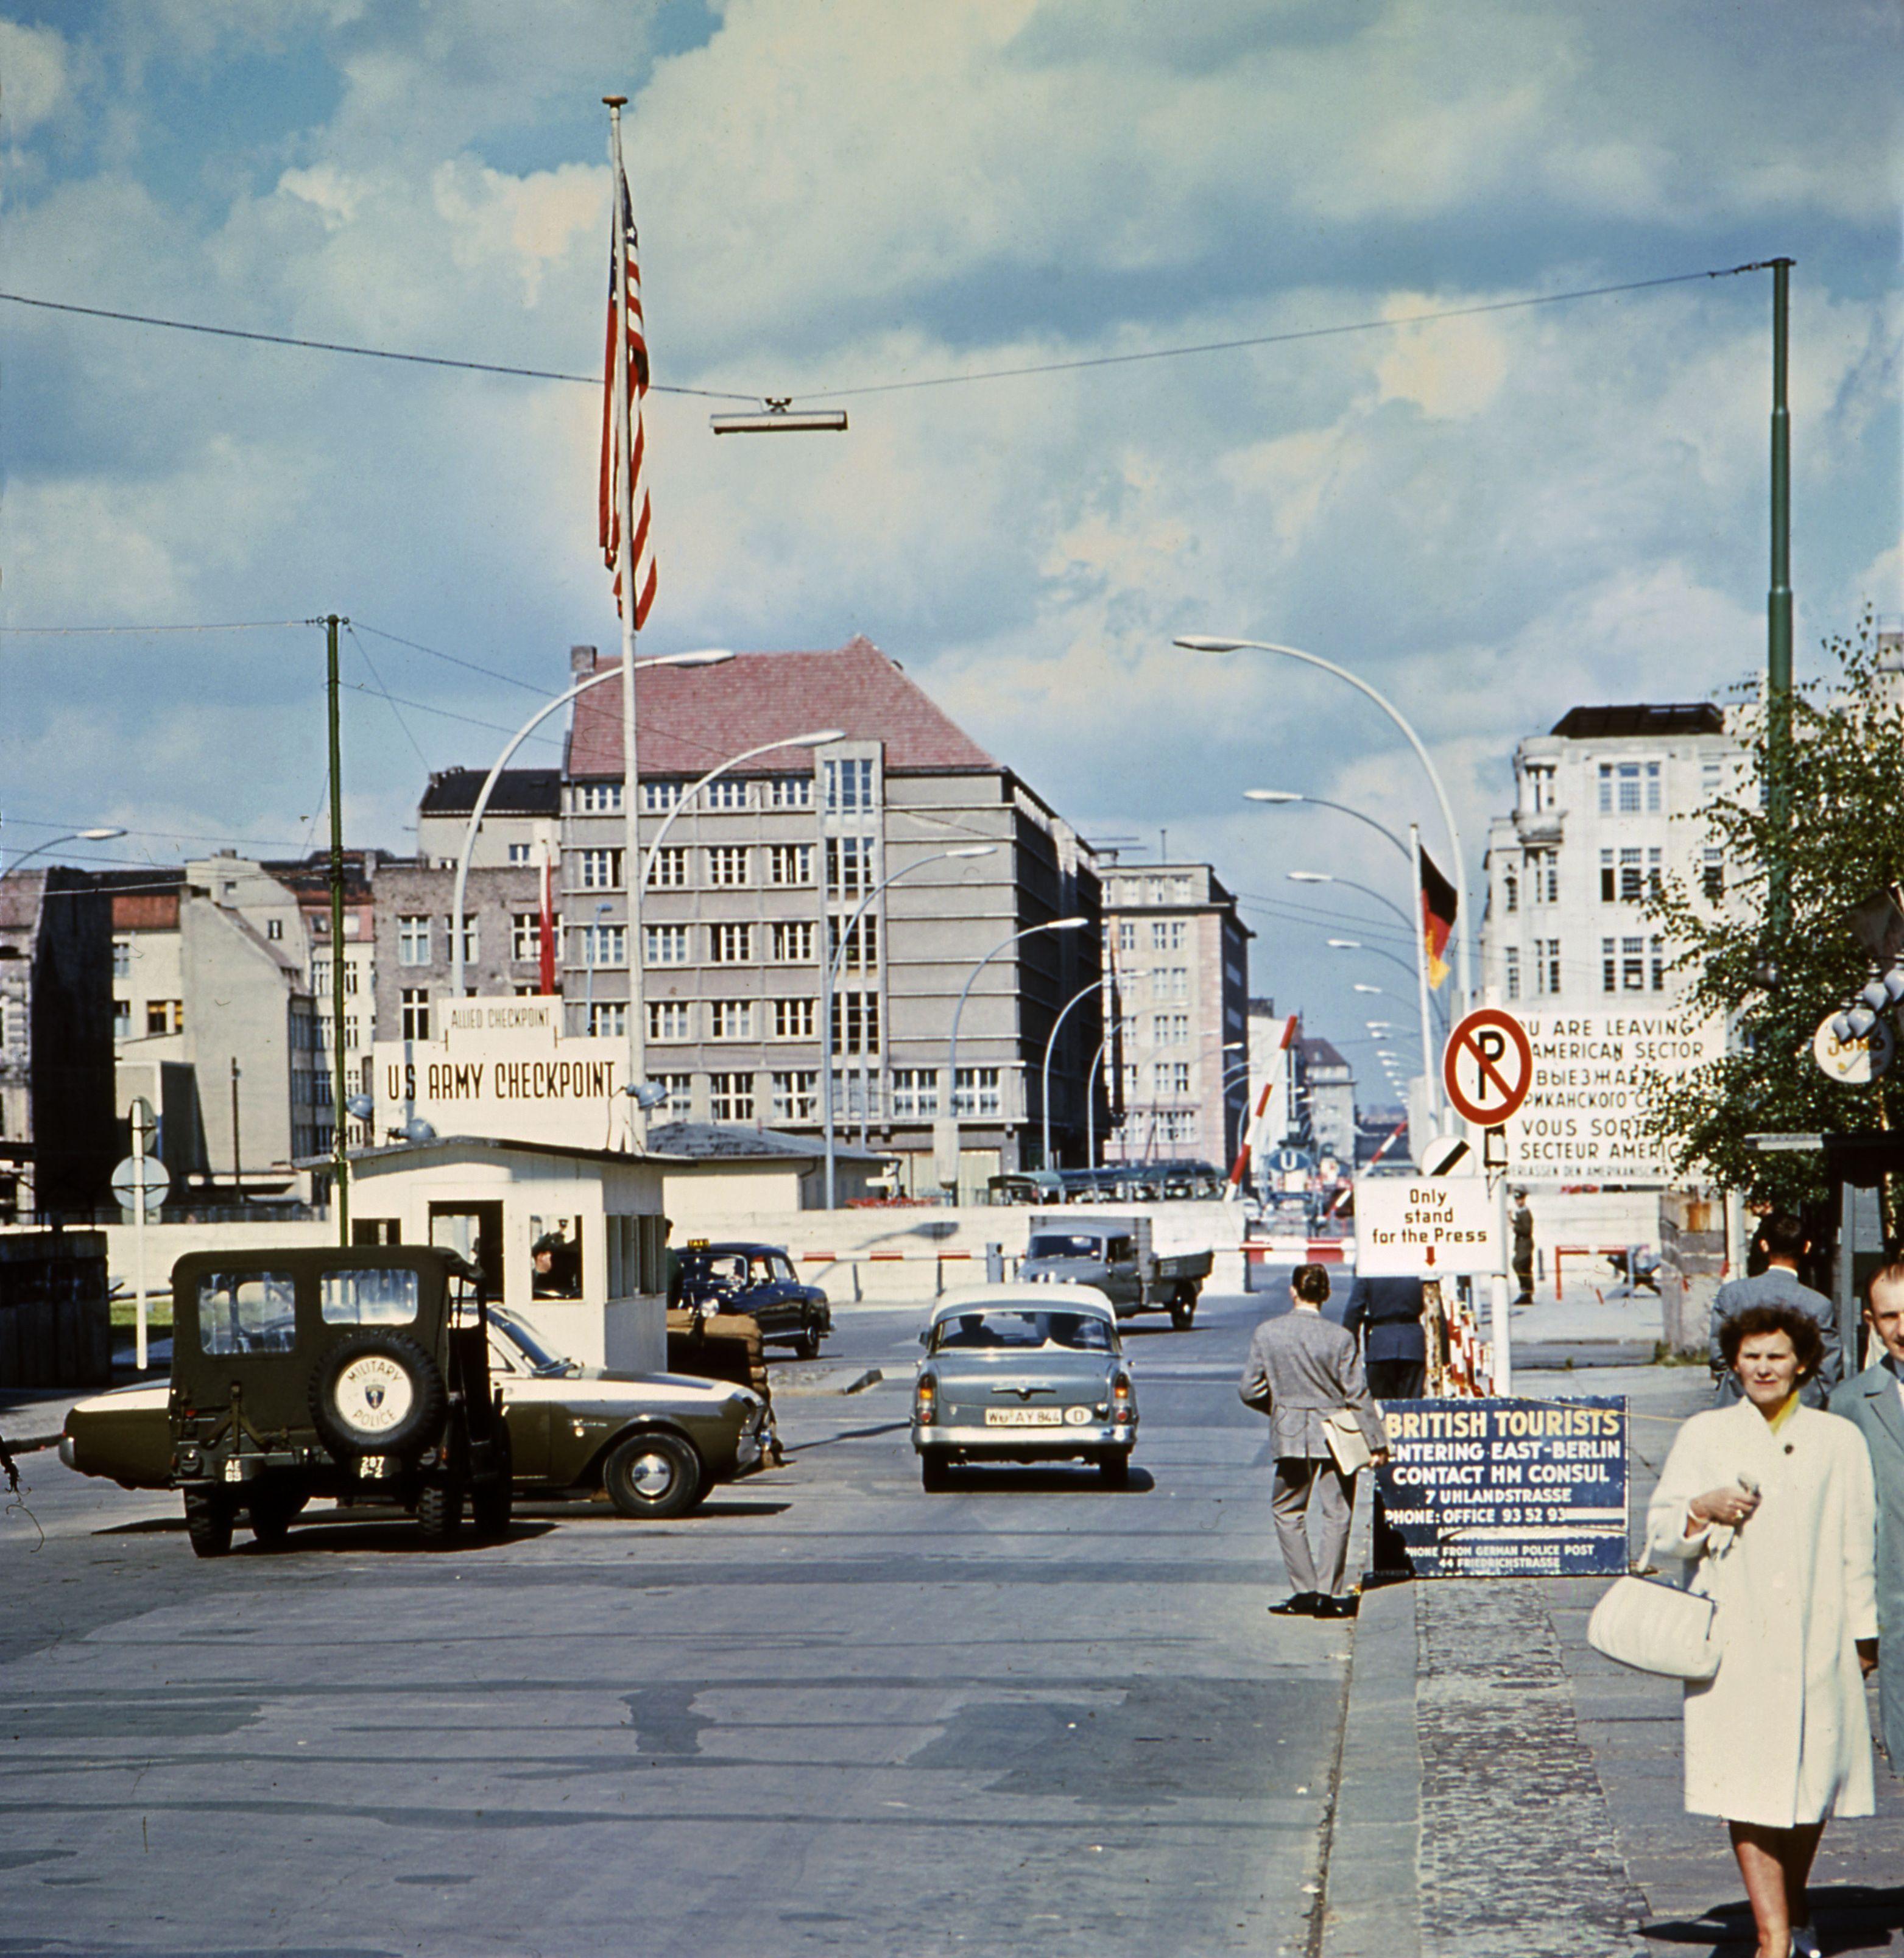 Reliving Communist past helps East German dementia patients